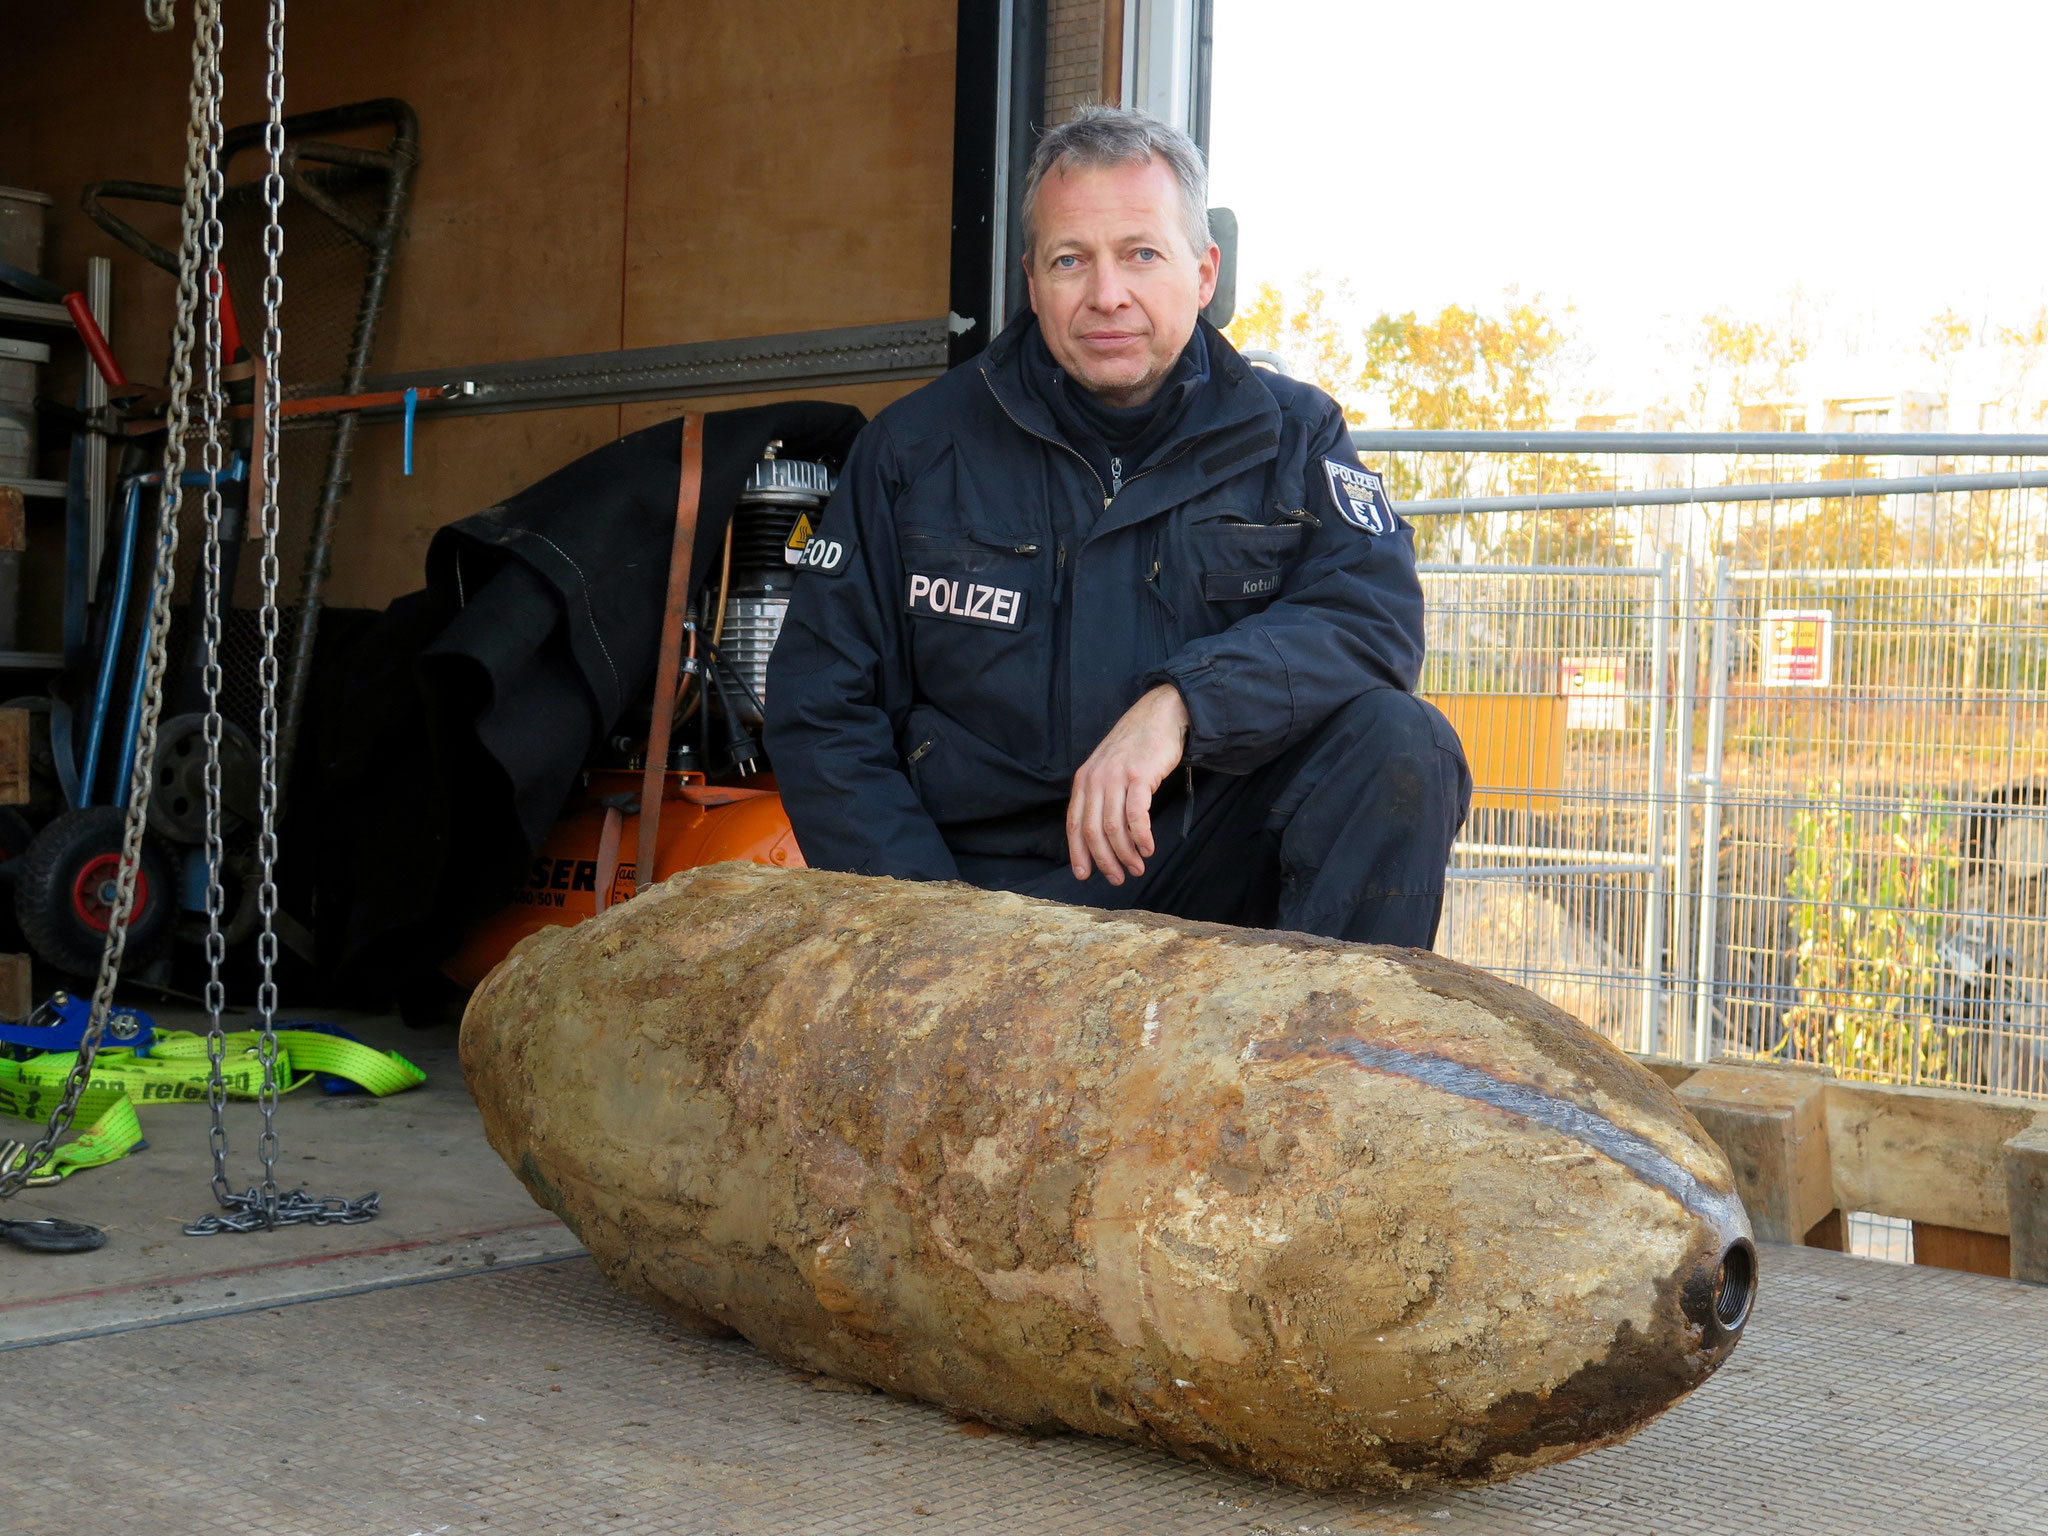 Polizei-Feuerwerker Matthias Kotulla (50) bewies einmal mehr einen kühlen Kopf und ein ruhiges Händchen. Seit 2008 macht der Familienvater den lebensgefährlichen Job.